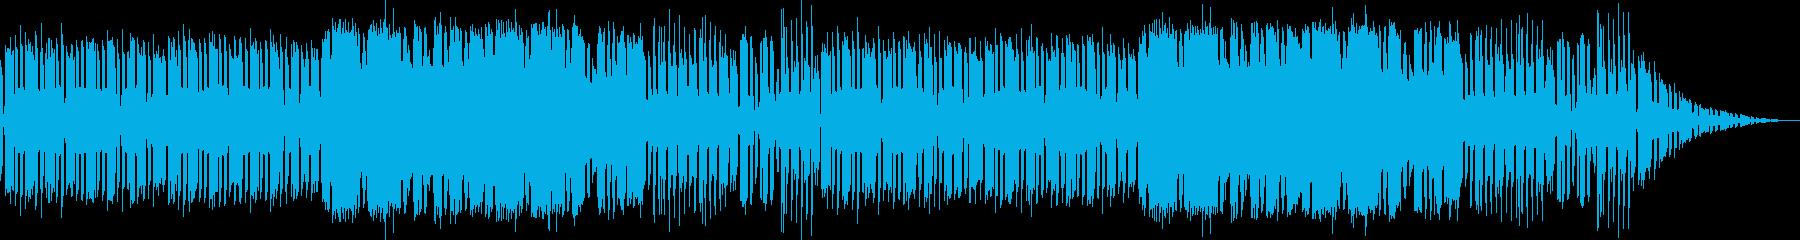 ファミコン和風チップチューン その2の再生済みの波形